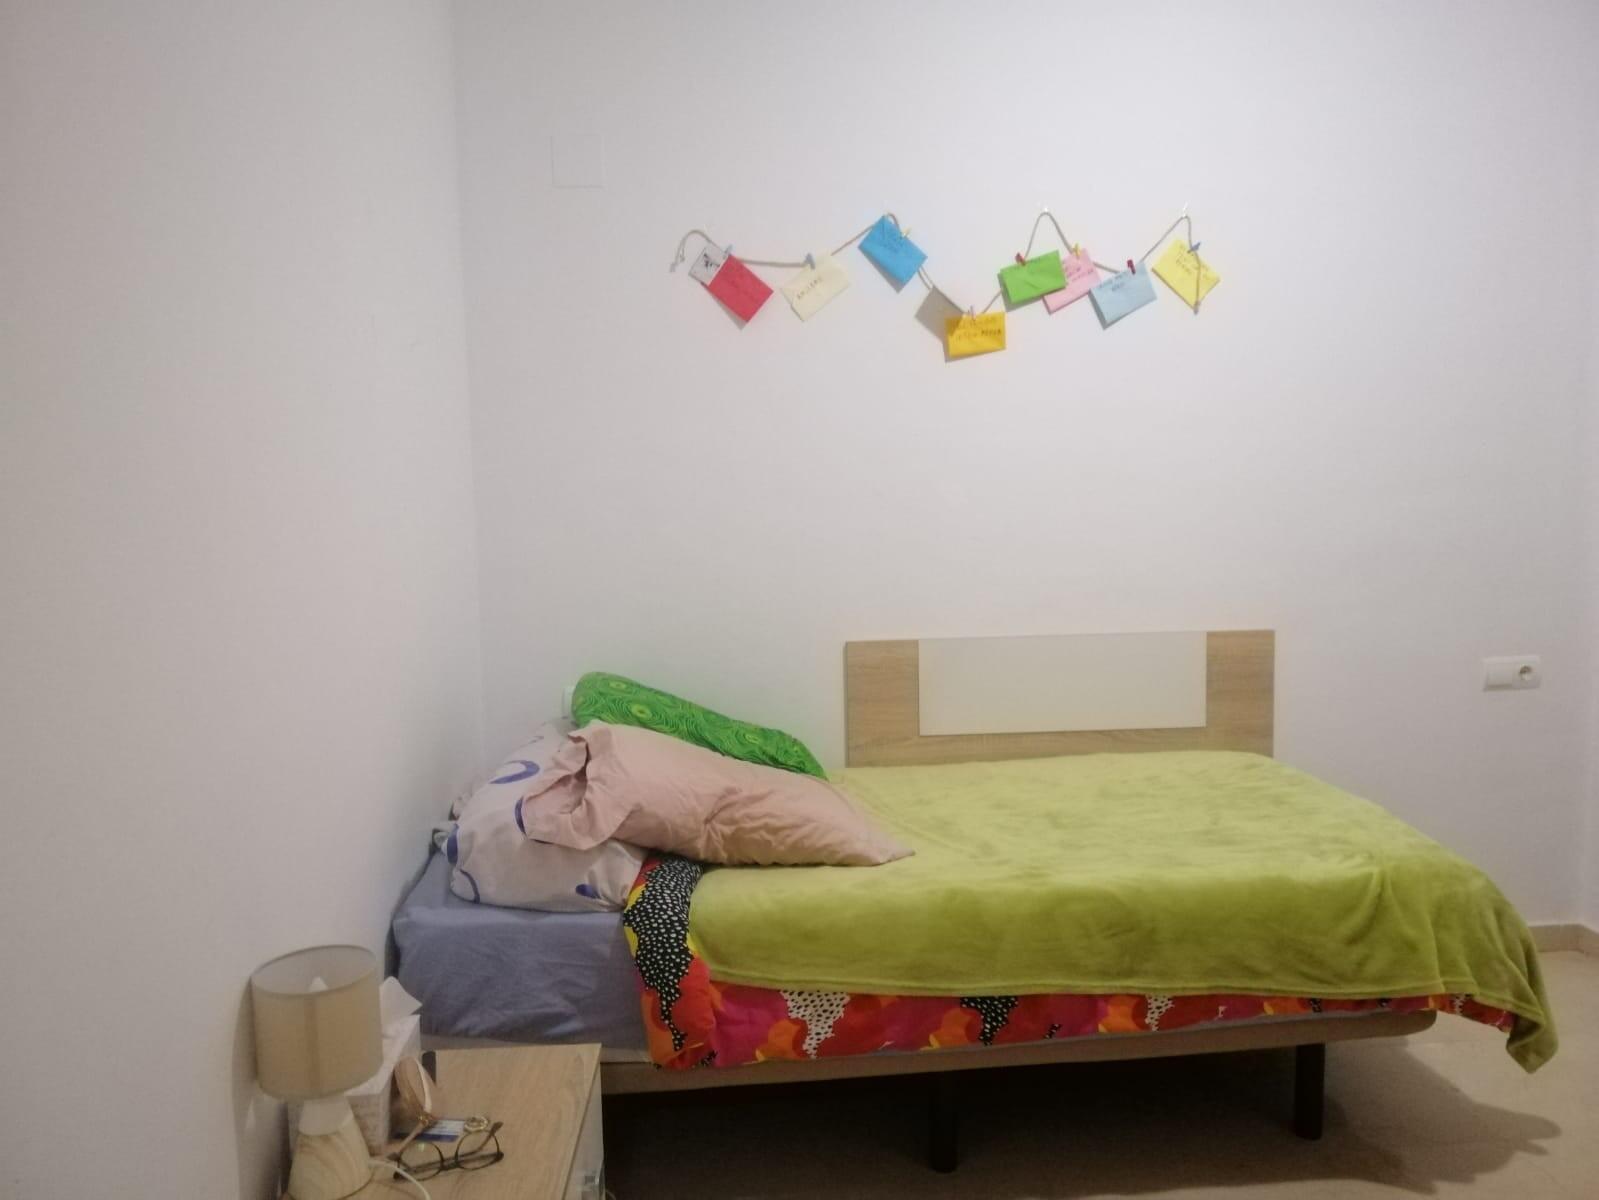 Habitación muy cercana a la universidad de Alicant